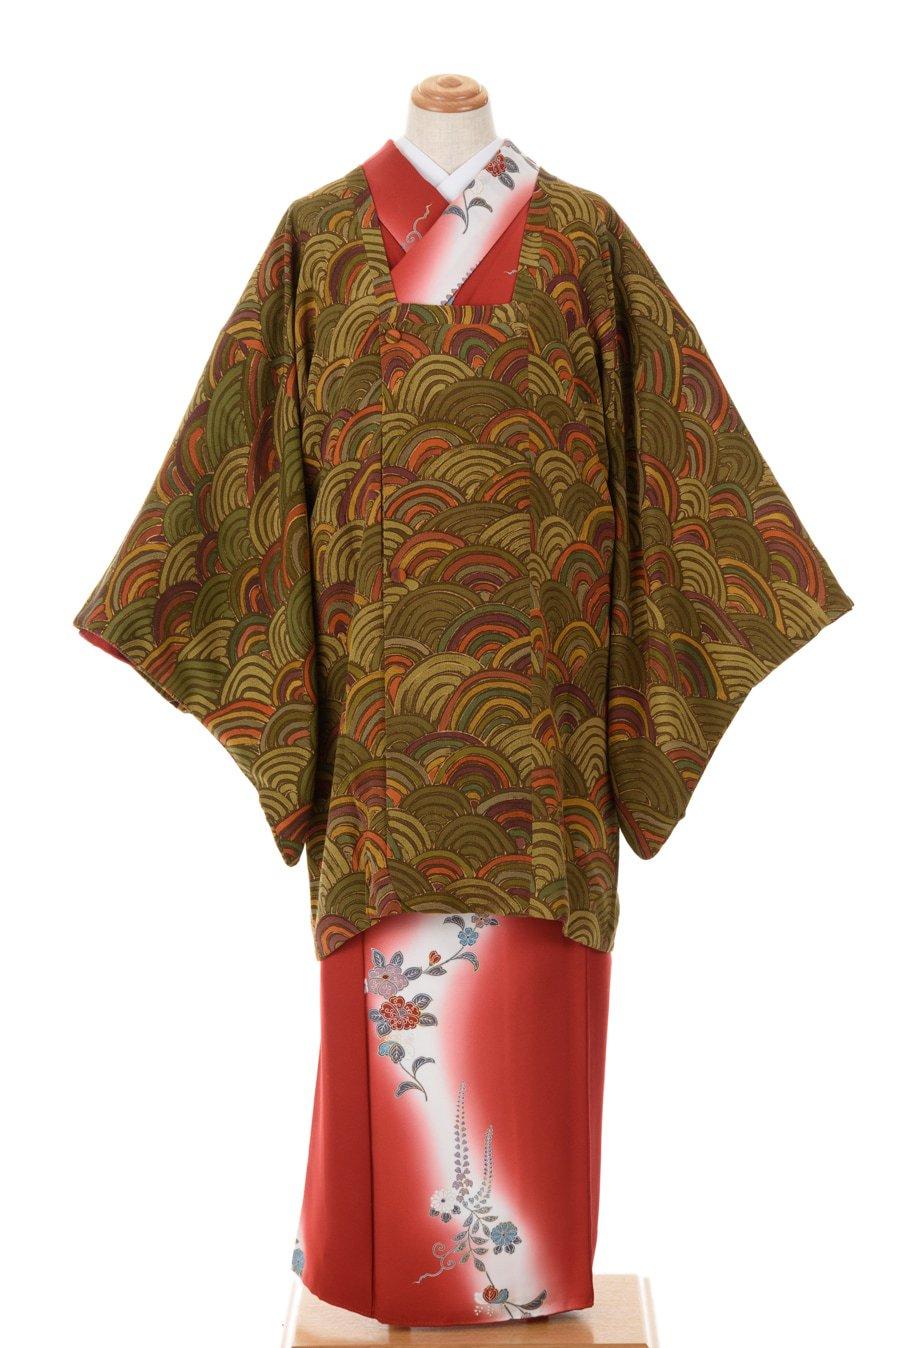 「道行コート カーキ・グリーン系青海波」の商品画像